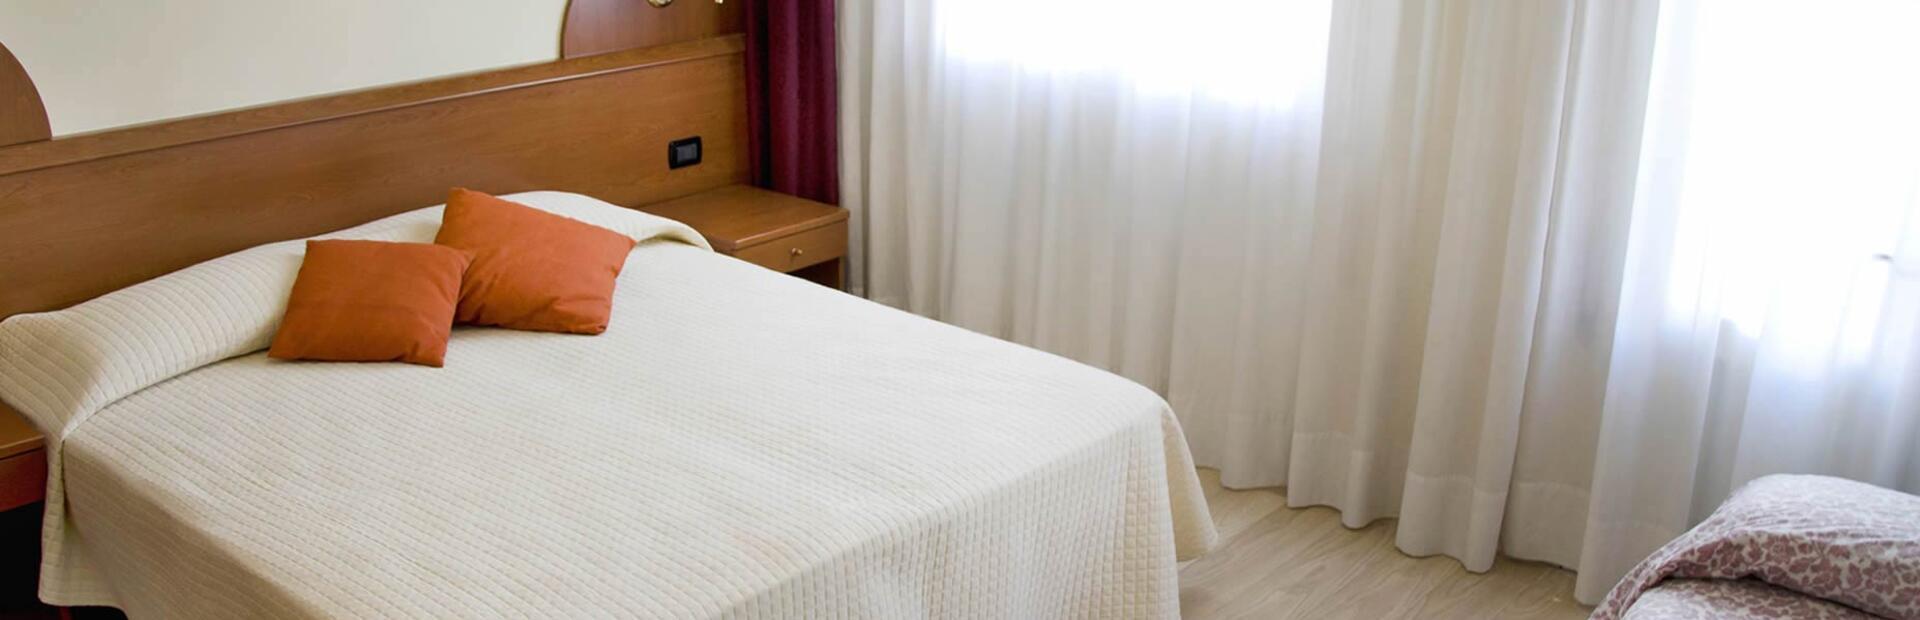 hotel-sole de triple-zimmer 001